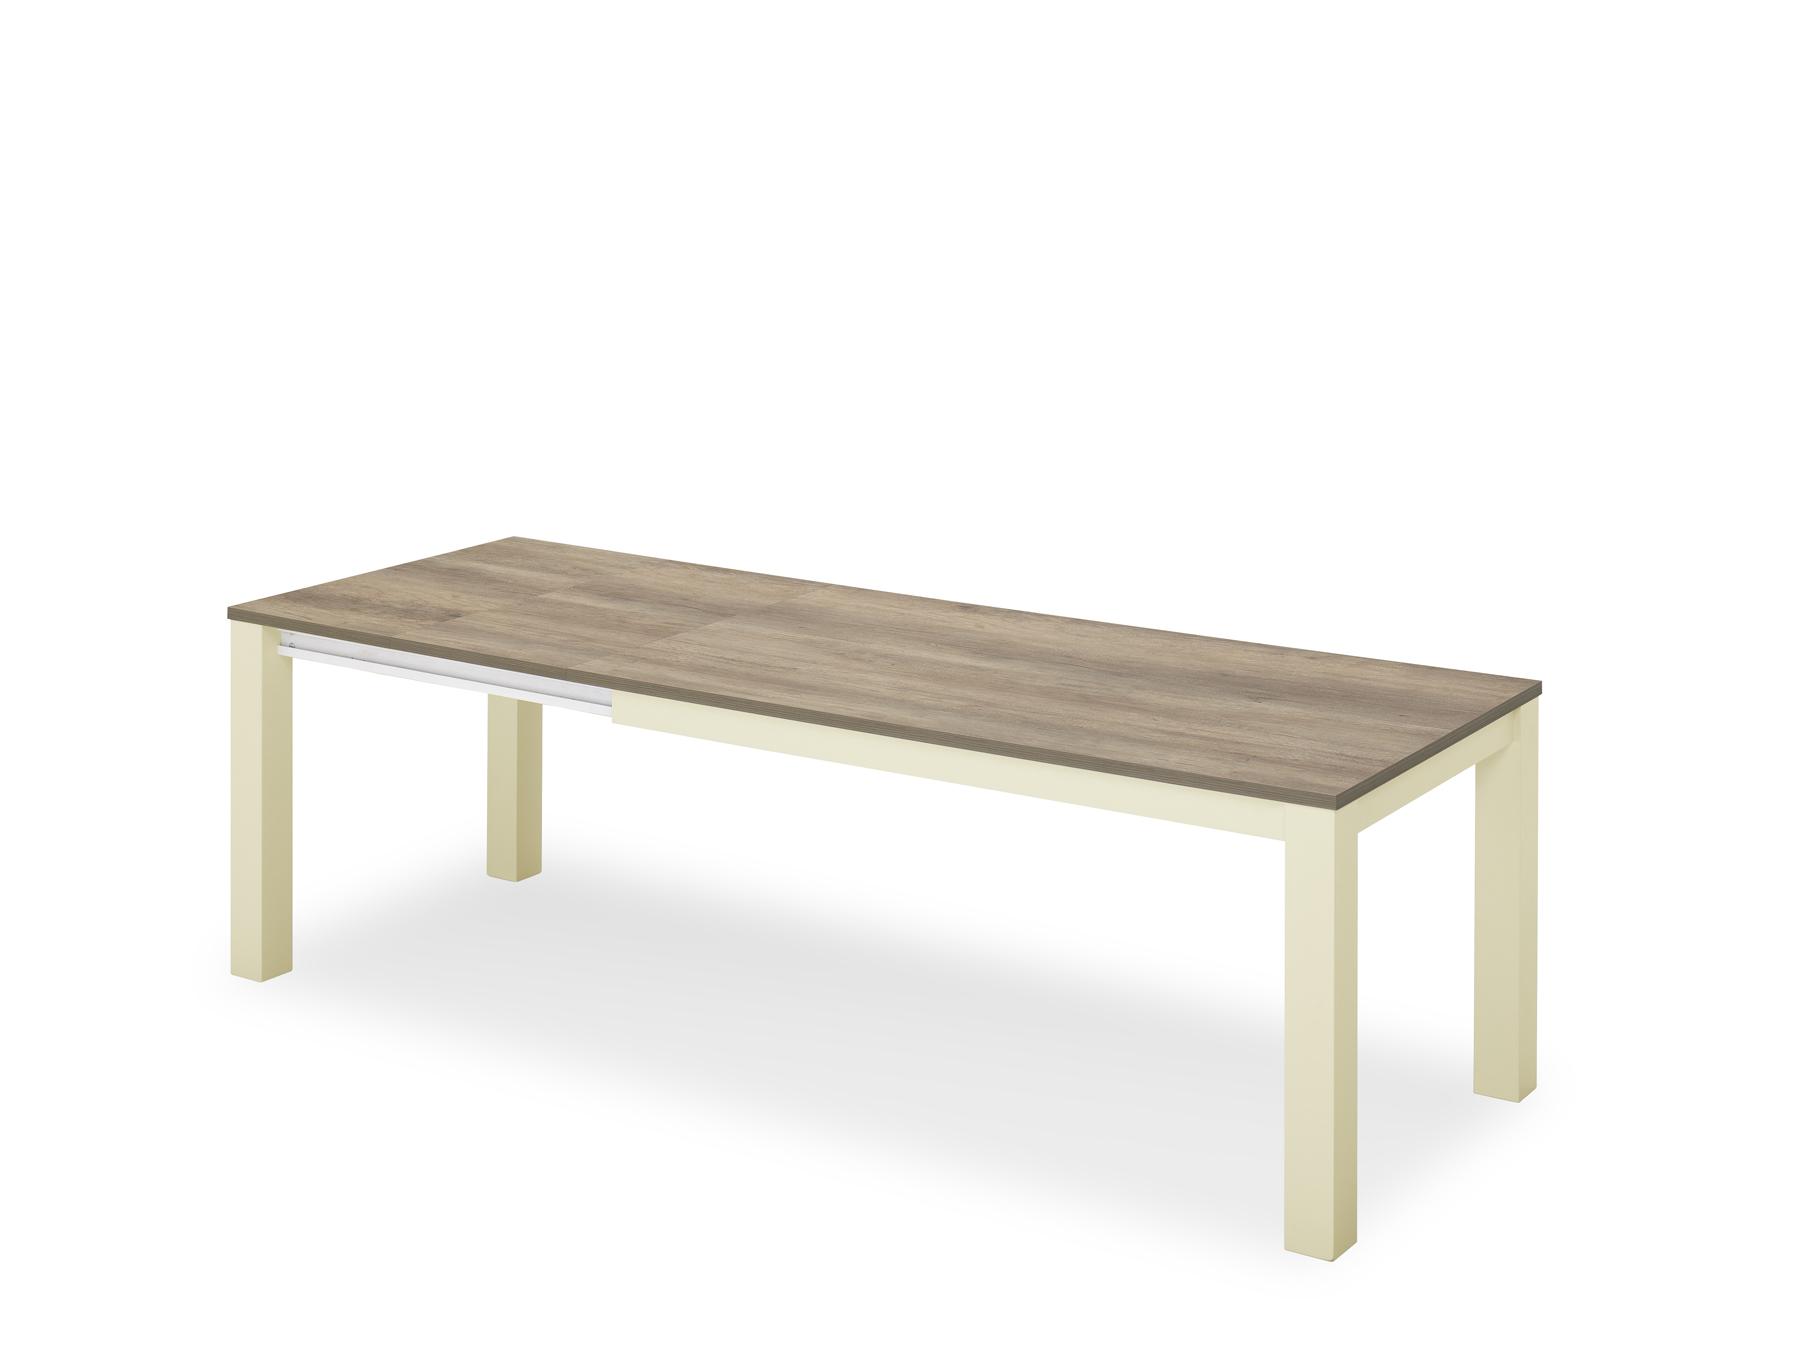 מערכת ישיבה לפינת אוכל ביתילי הכוללת שולחן אוכל דגם מונט וארבעה כסאות דגם מרי - משלוח חינם - תמונה 2